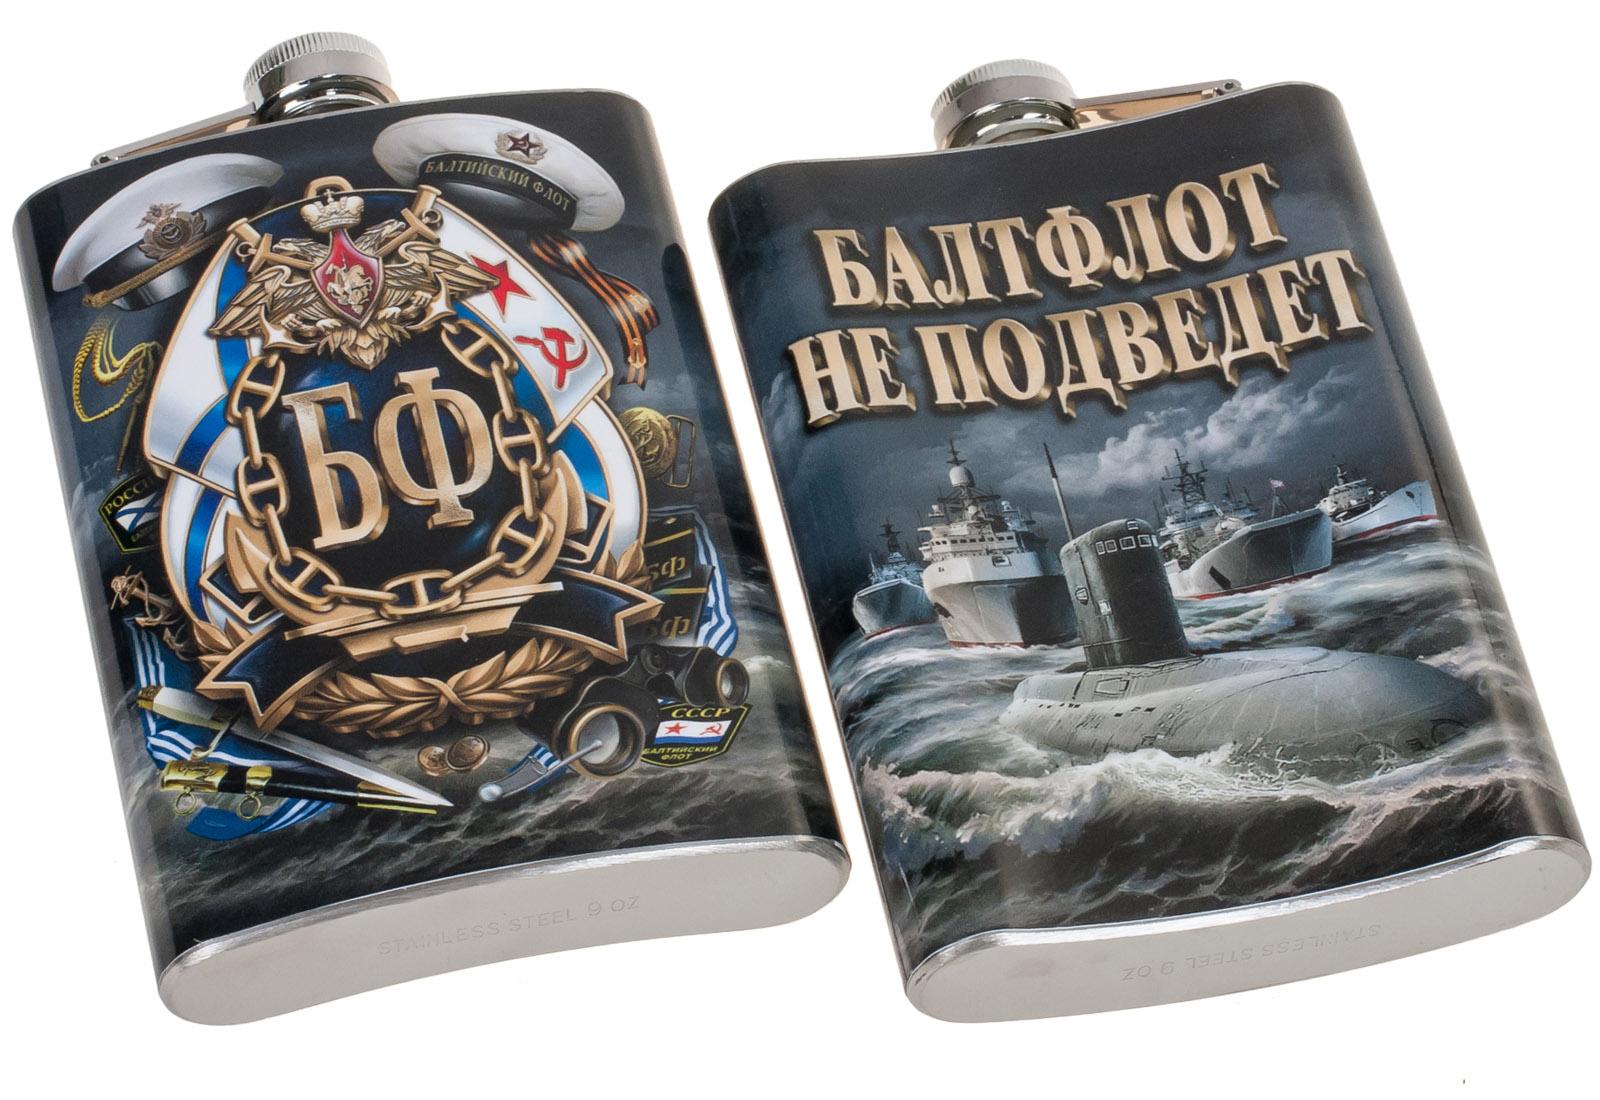 Карманная фляжка ВМФ Балтфлот не подведет - онлайн